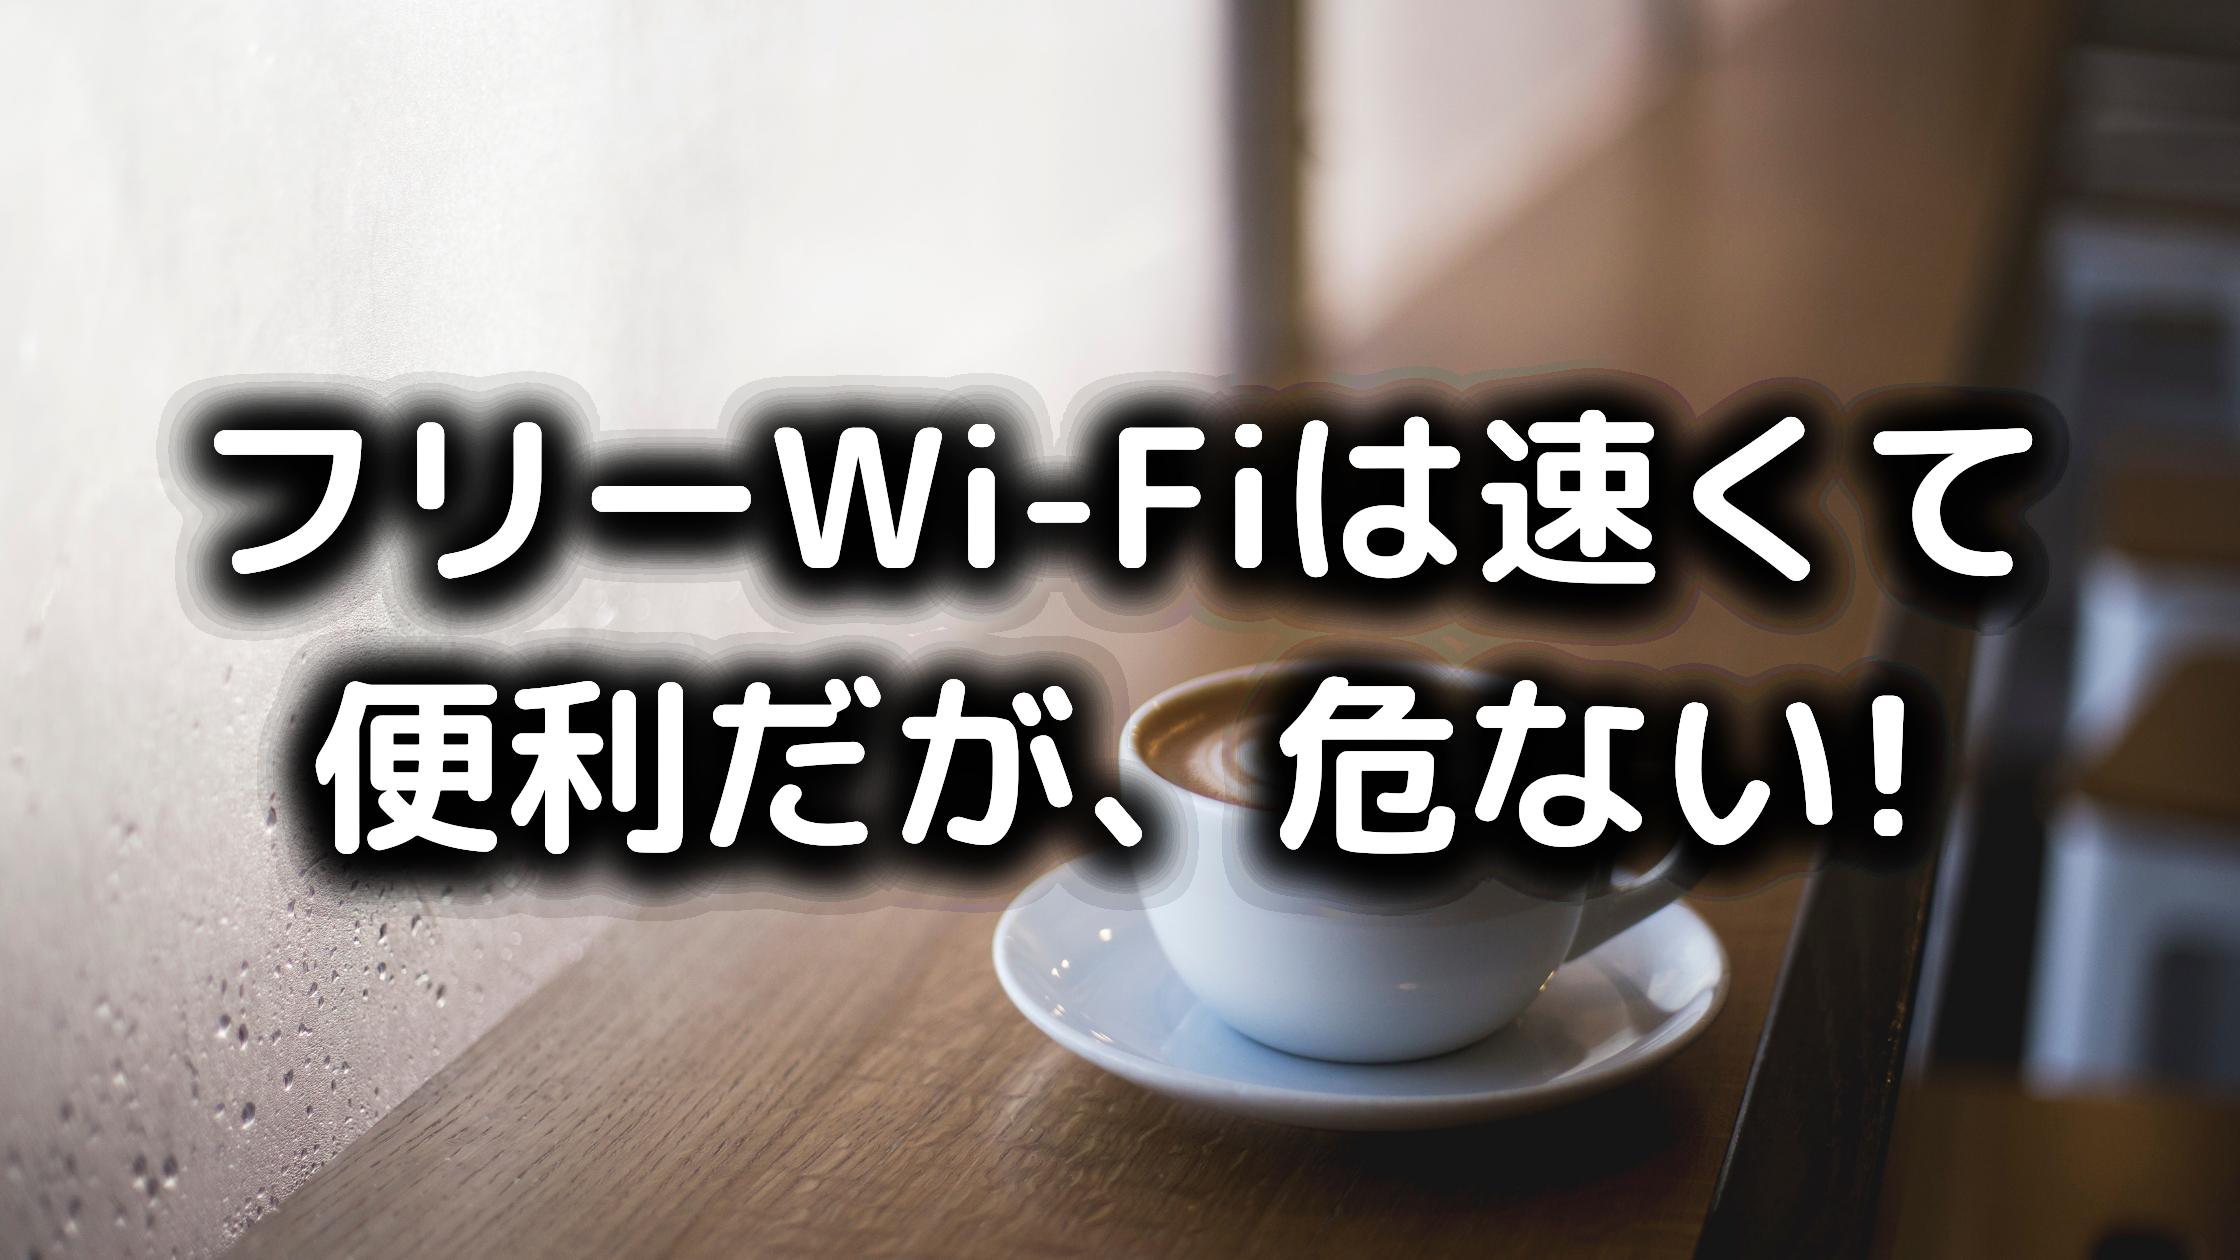 フリーWi-Fiが速い